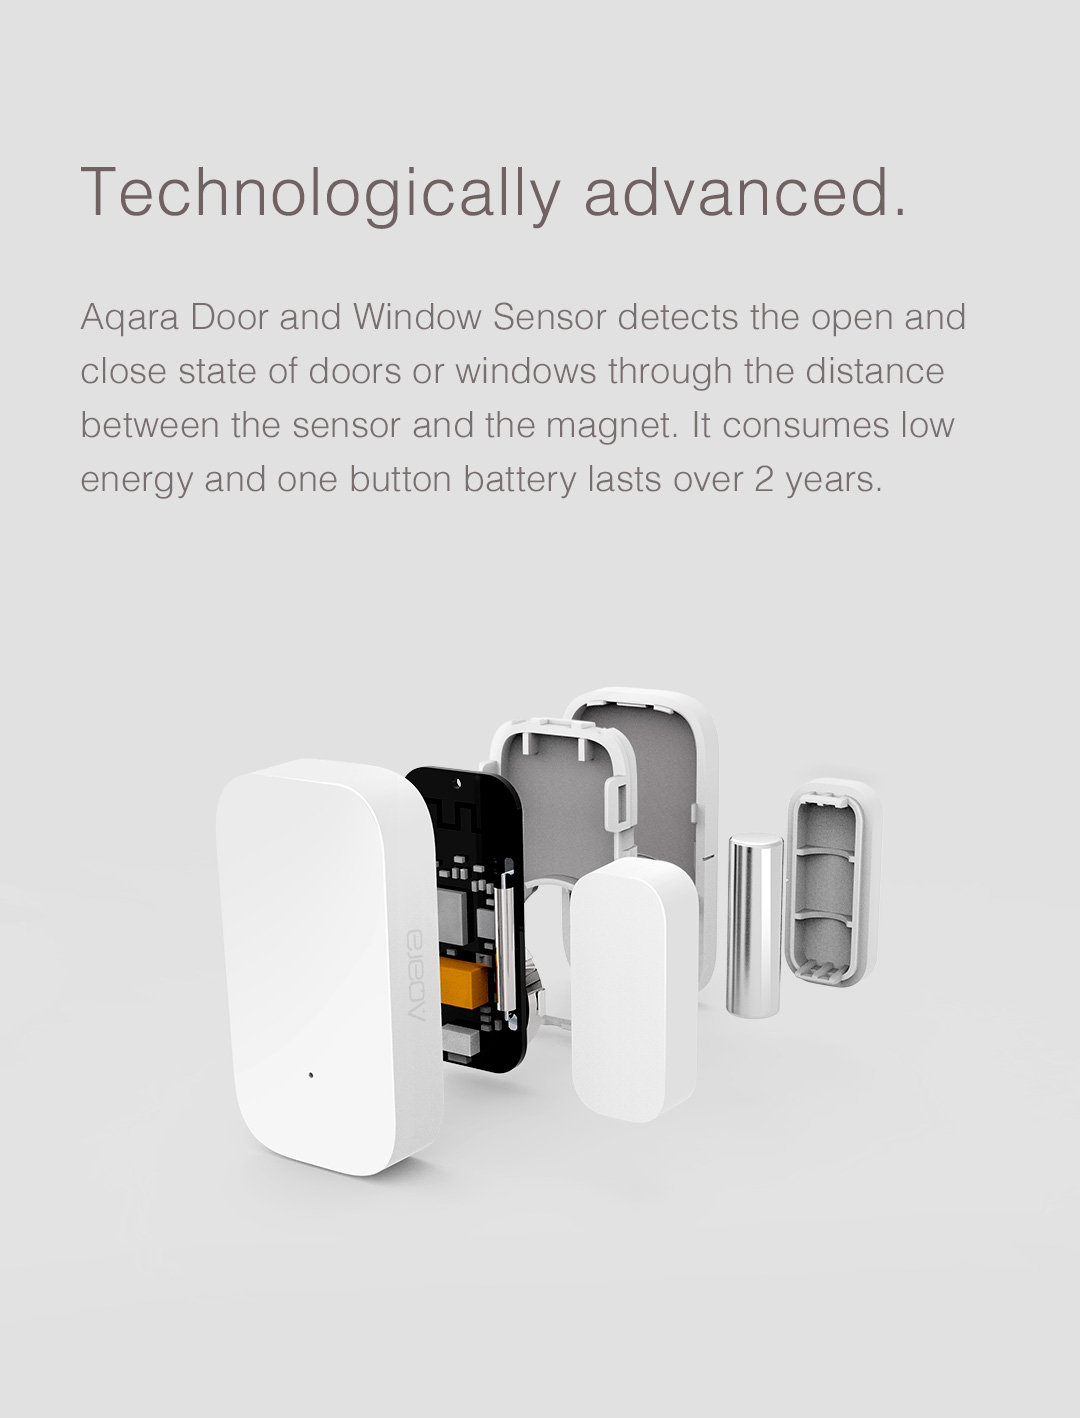 Aqara window door sensor's battery can last over 2 years under normal usage